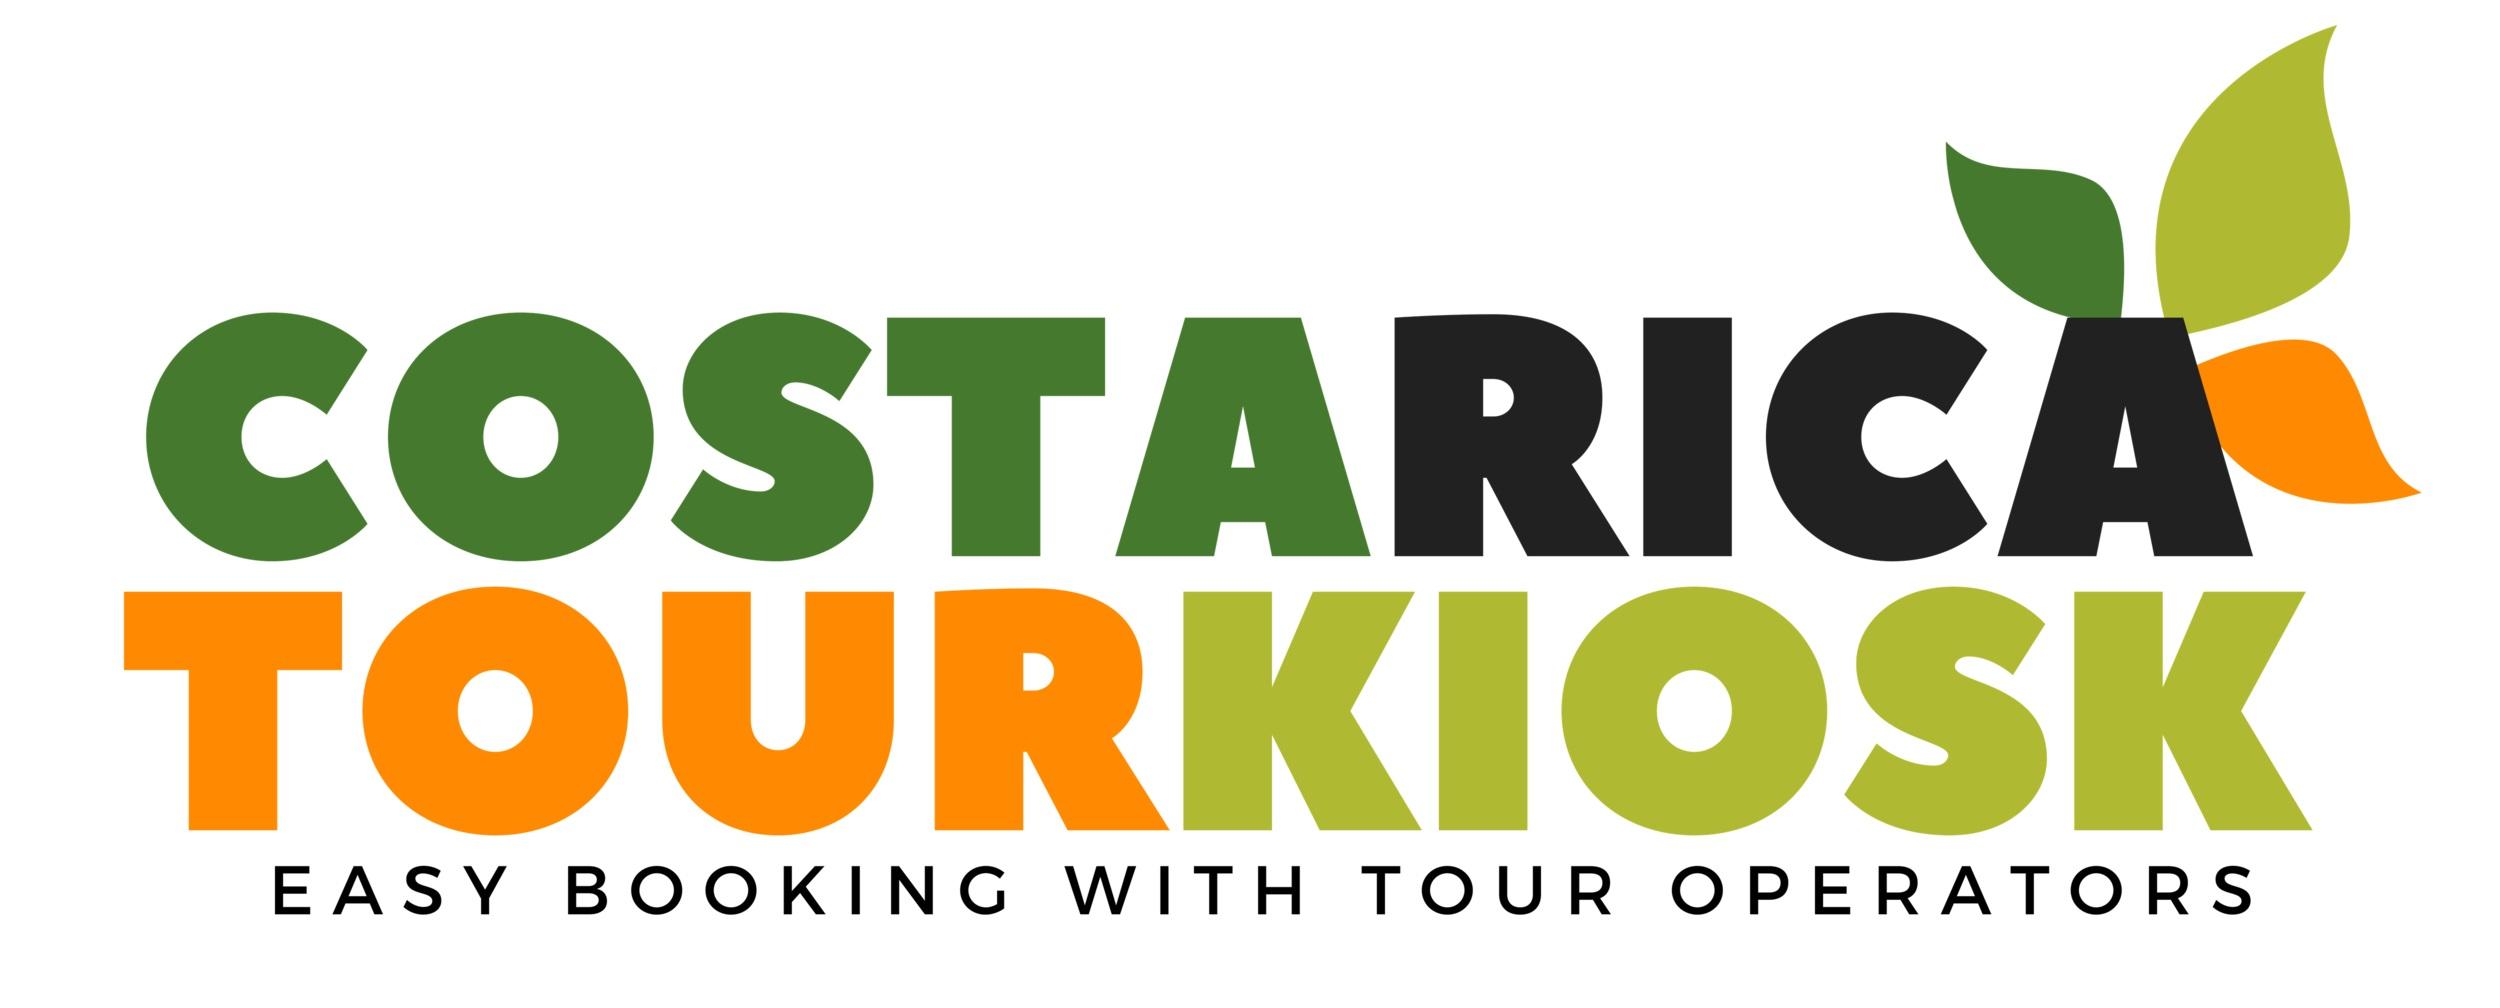 Costa Rica Tour Kiosk.png